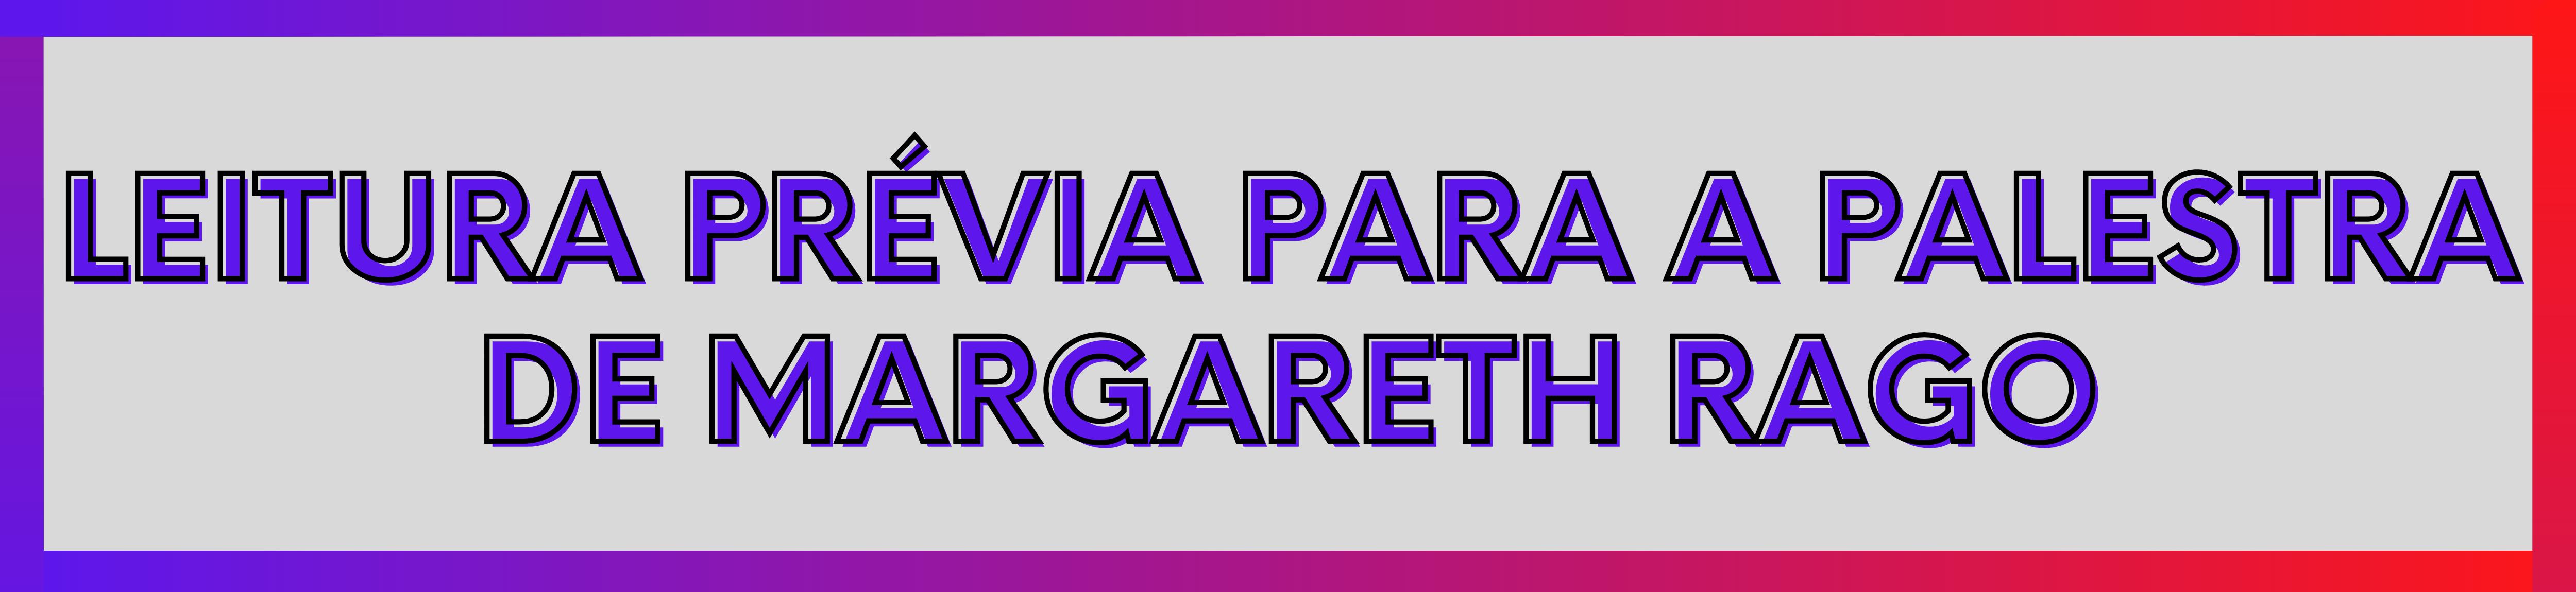 Leitura Prévia para a palestra de Margareth Rago